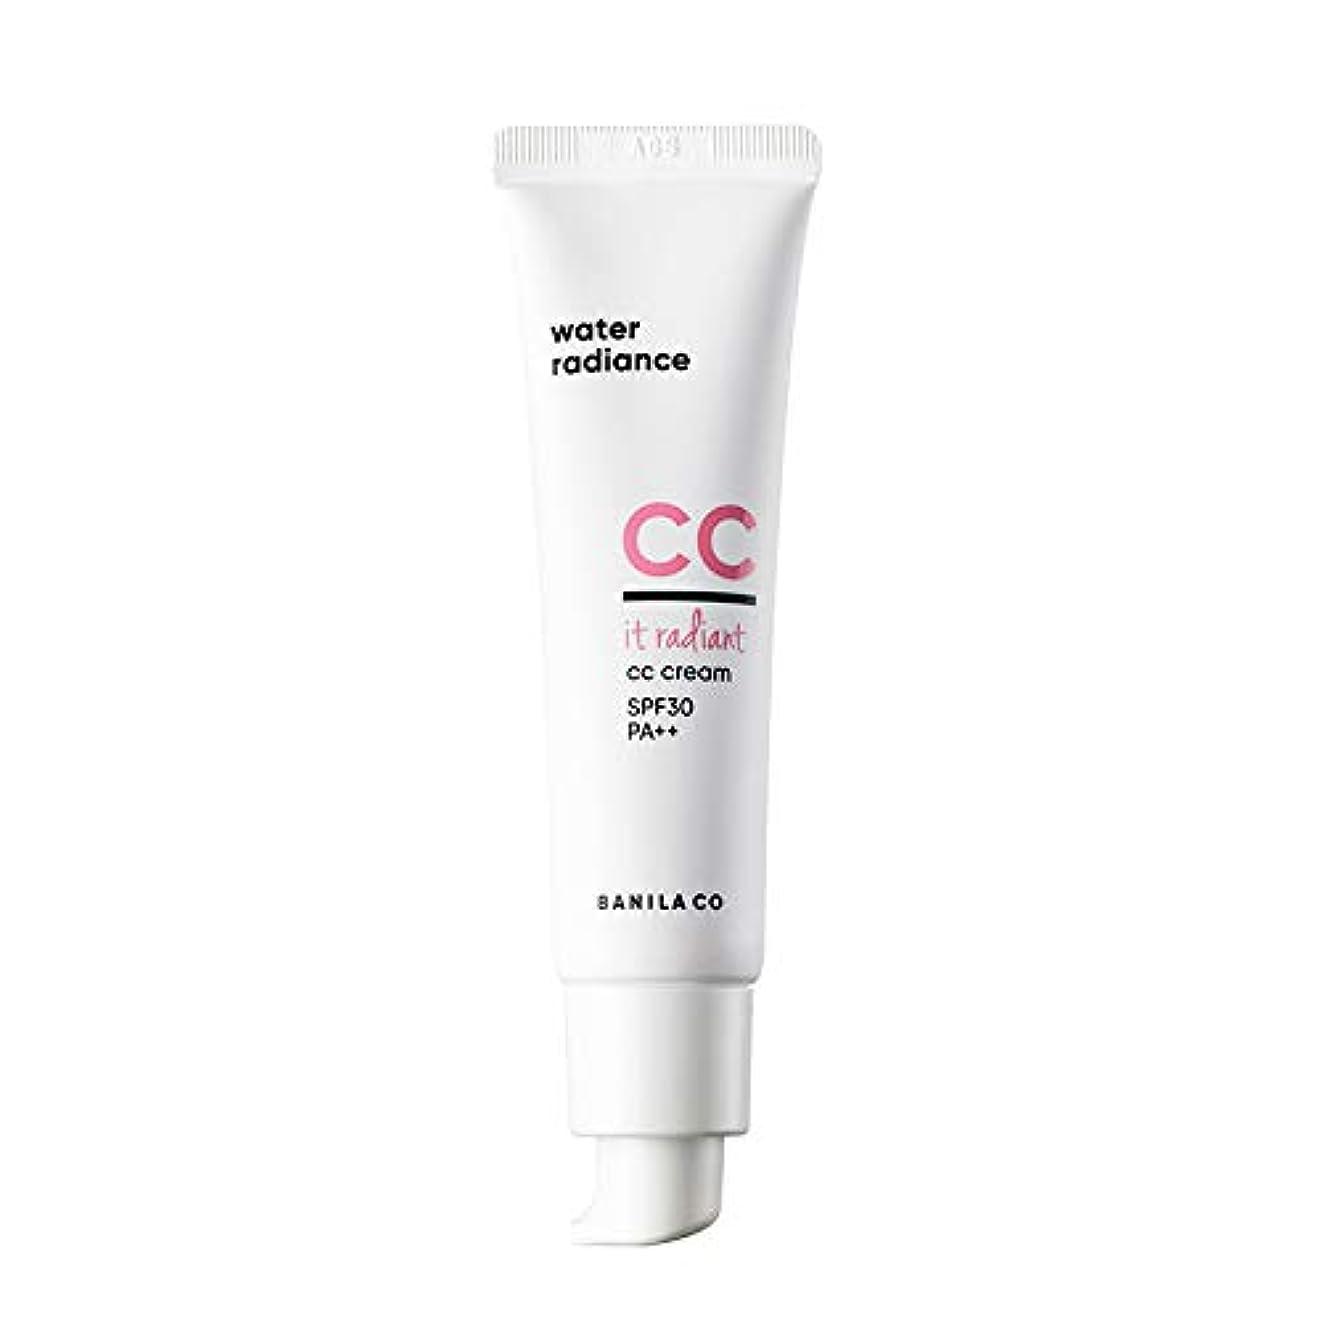 ストライクタンパク質にBANILA CO(バニラコ) イットレディアント ccクリーム It Radiant CC Cream